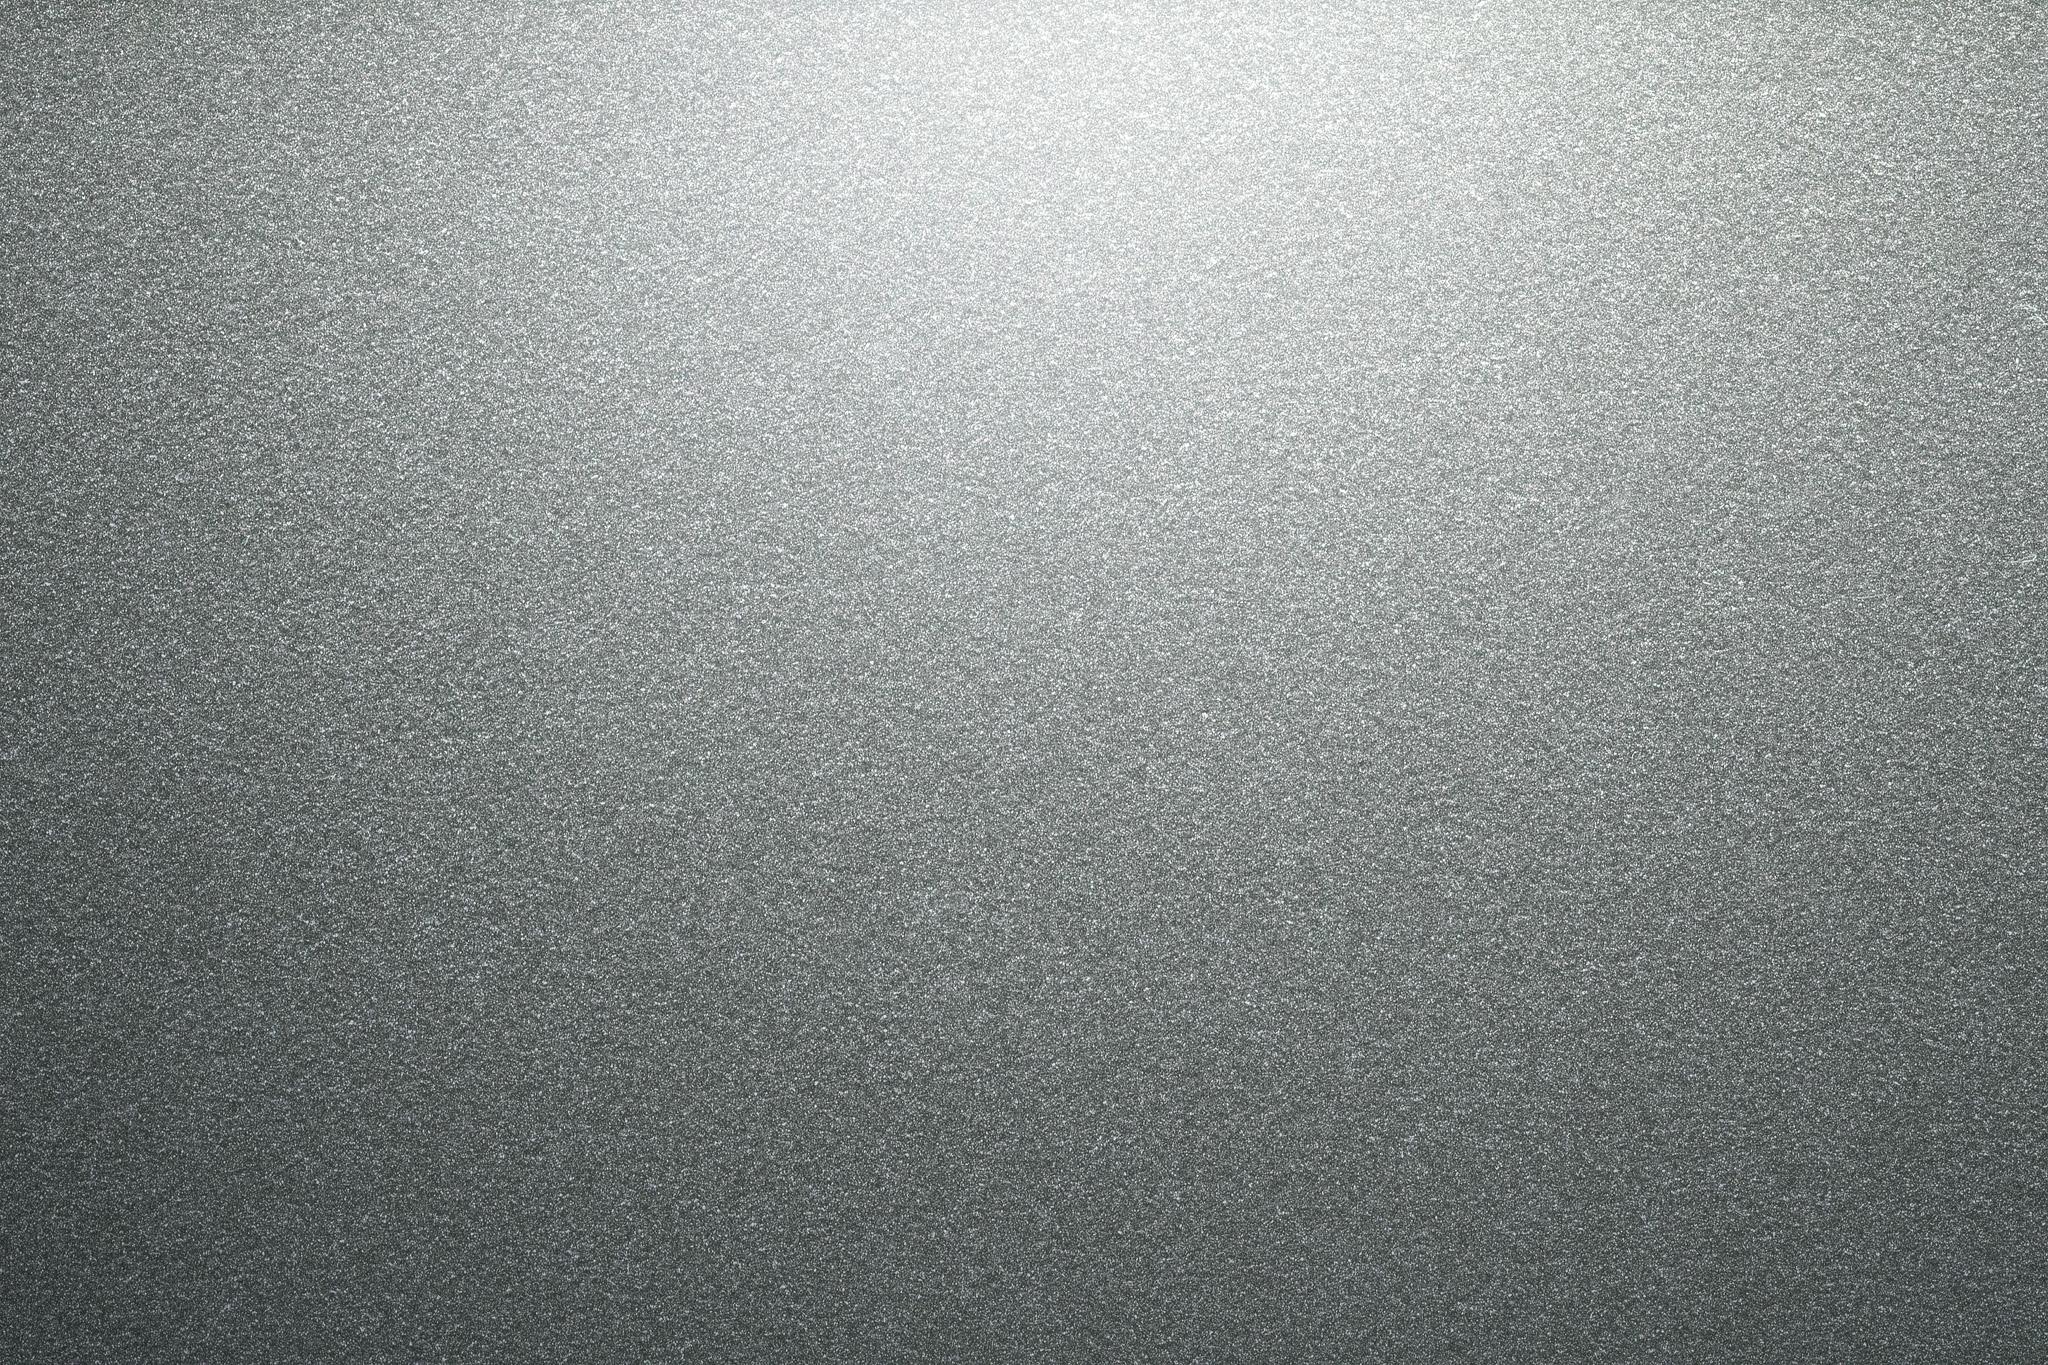 「鉄のテクスチャ画像」の素材を無料ダウンロード